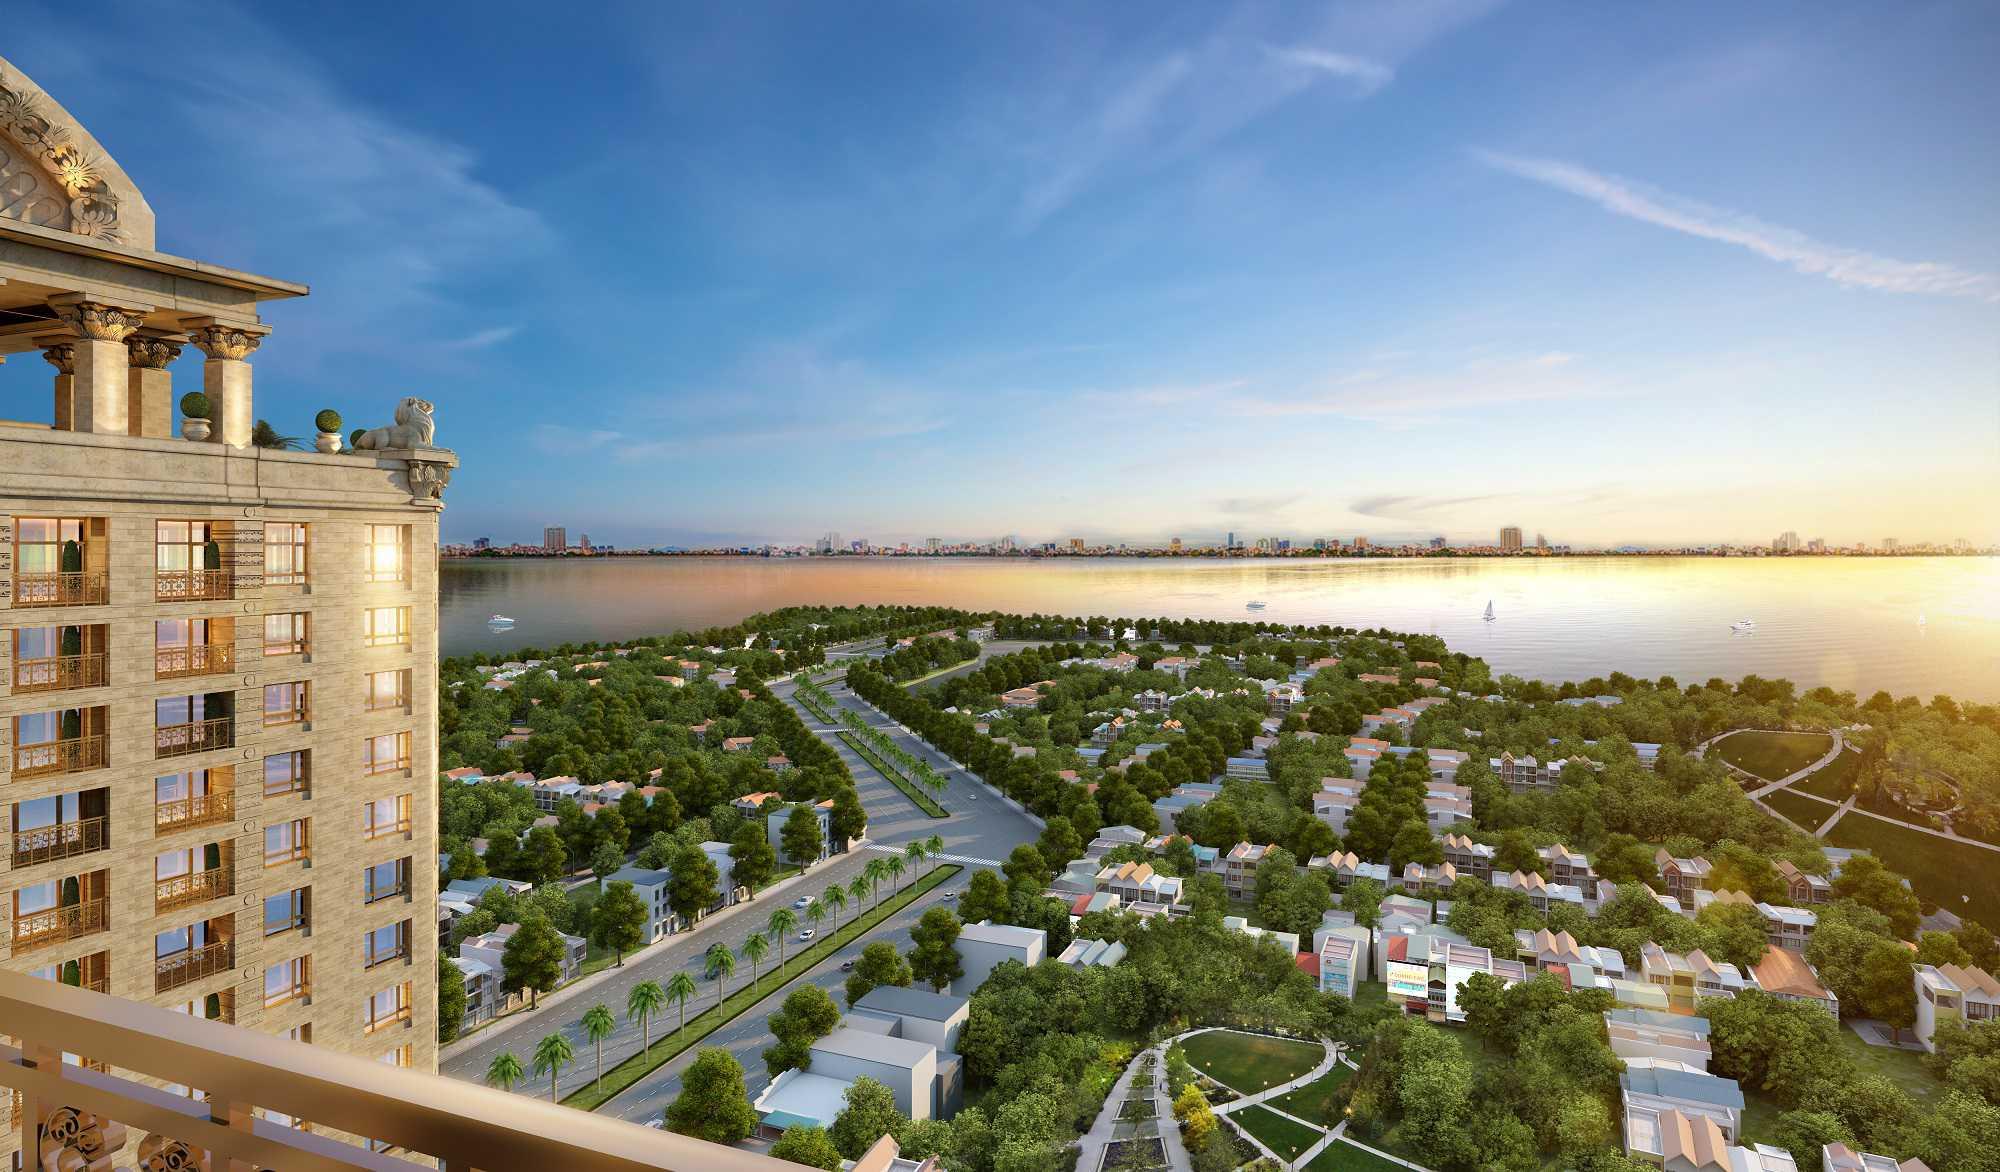 Tân Hoàng Minh - Dự án chung cư D' Le Roi Soleil Quảng An, Tây Hồ, Hà Nội